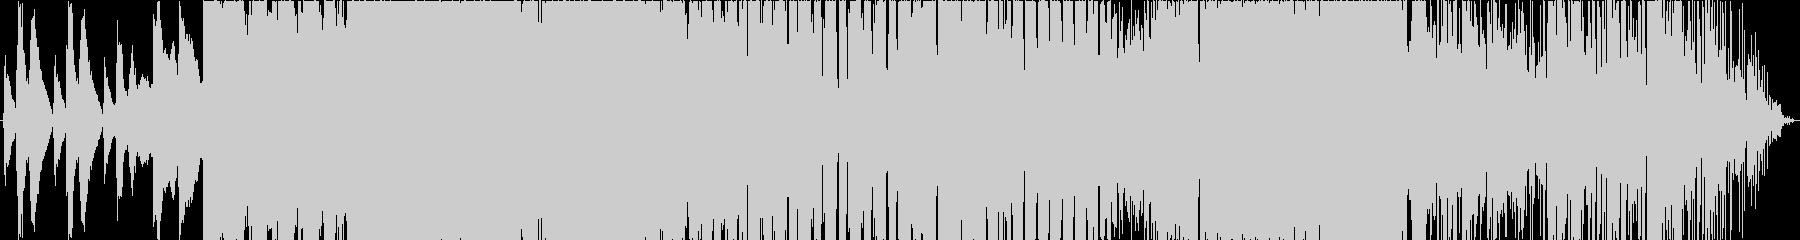 多彩なメロディのピアノ曲の未再生の波形